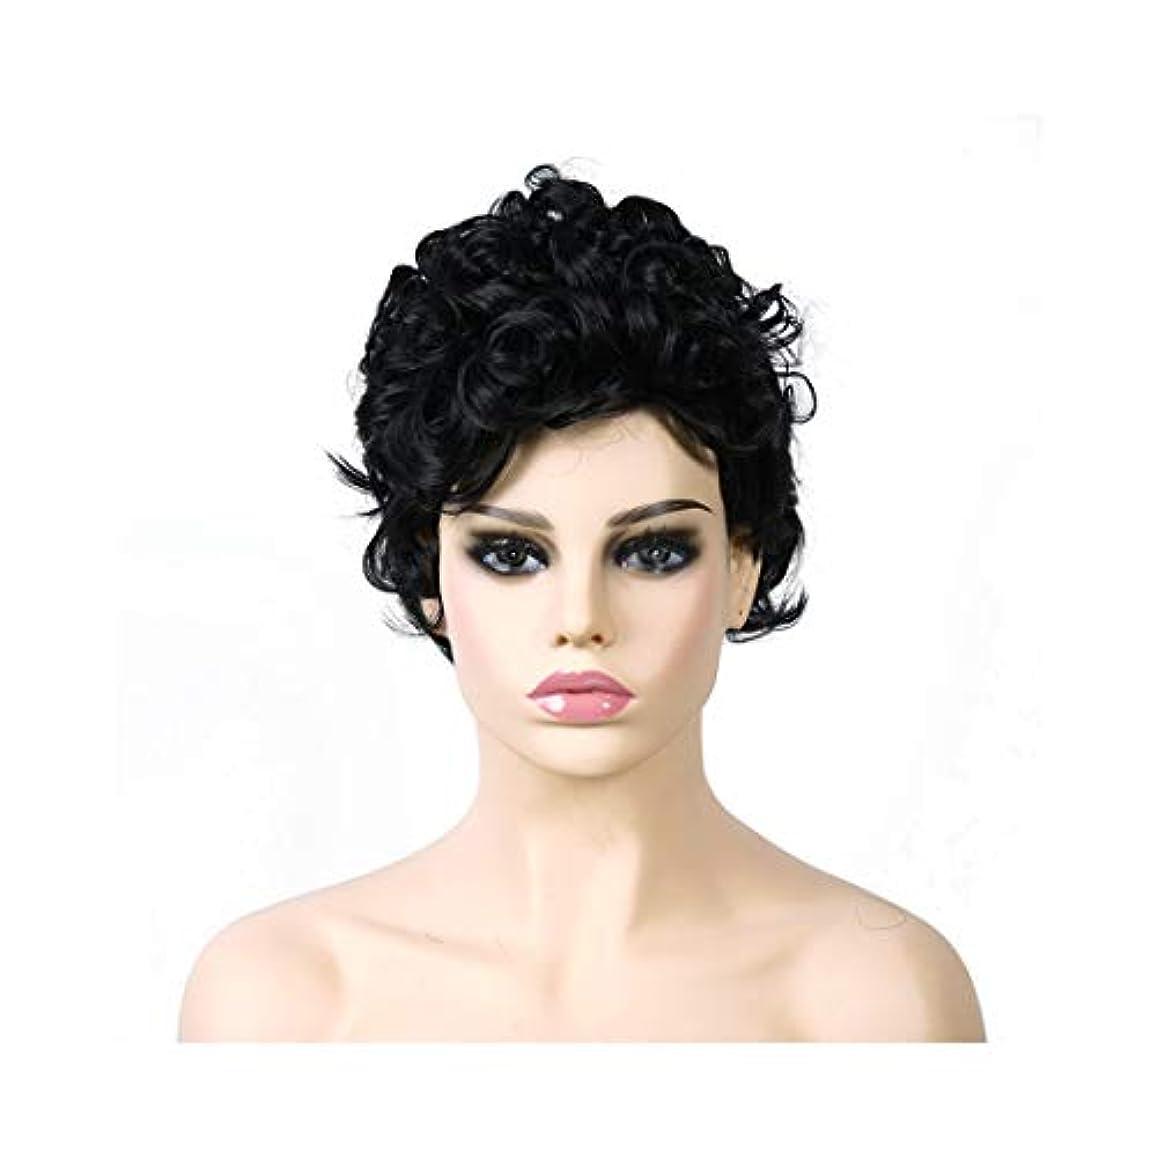 騒乱トースト二十YOUQIU 女性のふわふわショートカーリーウィッグテクスチャファッション気質ウィッグウィッグ (色 : 黒)